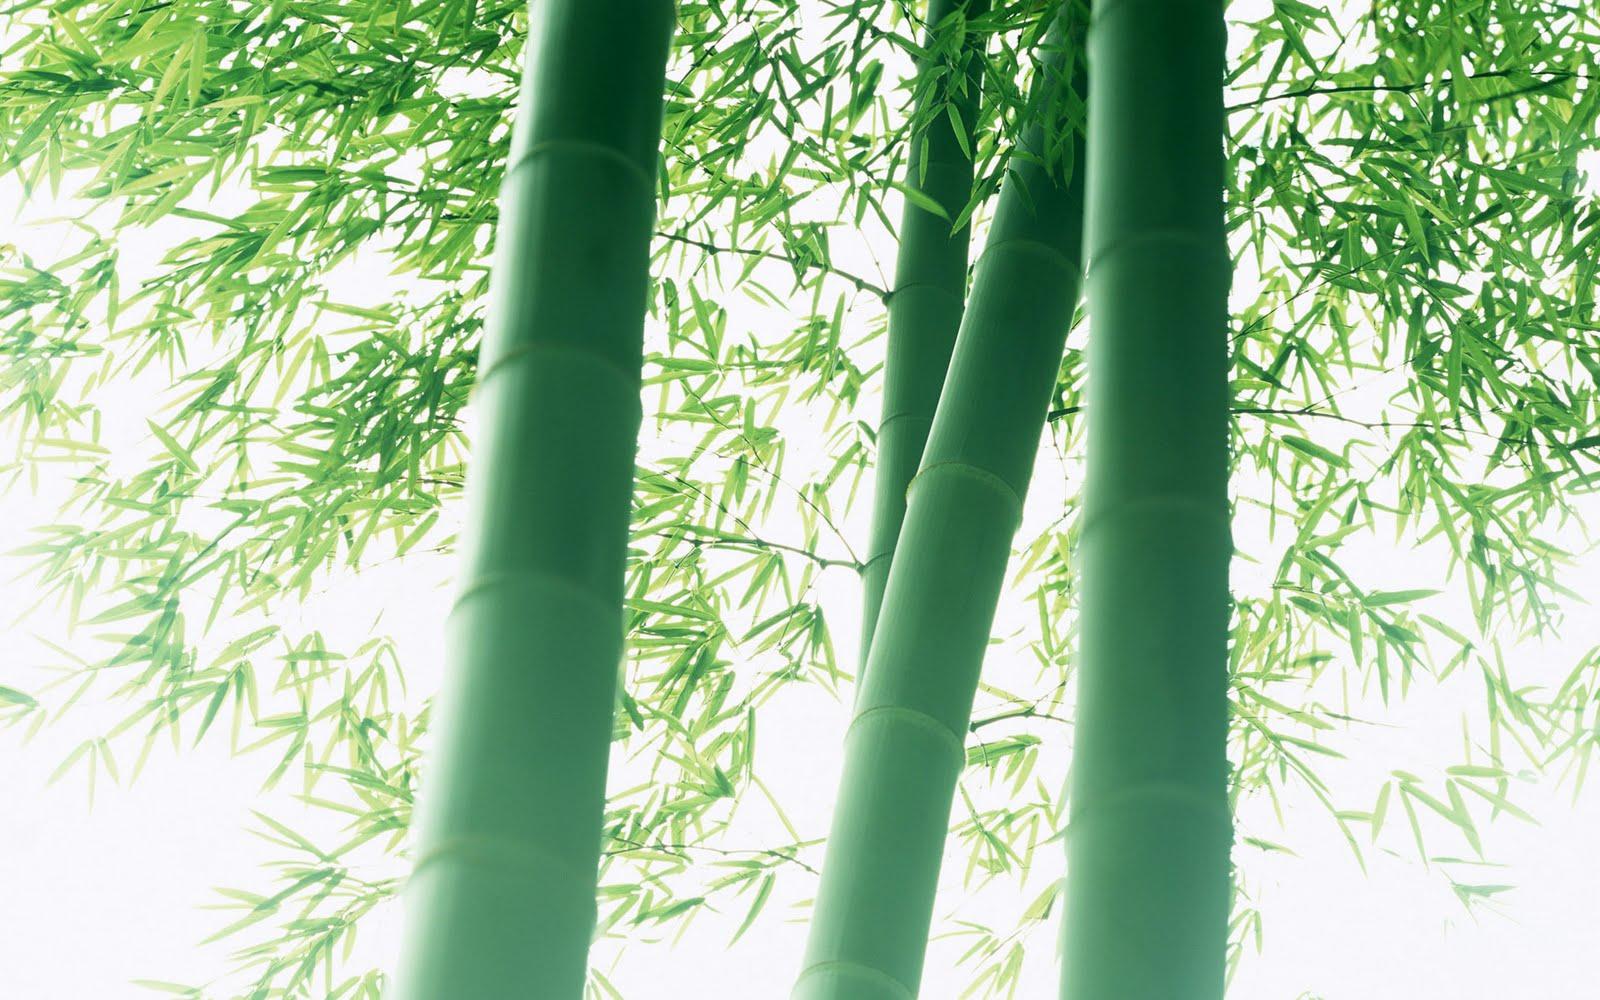 http://4.bp.blogspot.com/_QkWfBvmBstU/S-C32E35BkI/AAAAAAAAAZg/4L6doF8EJmw/s1600/bamboo+1920x1200-15.jpg